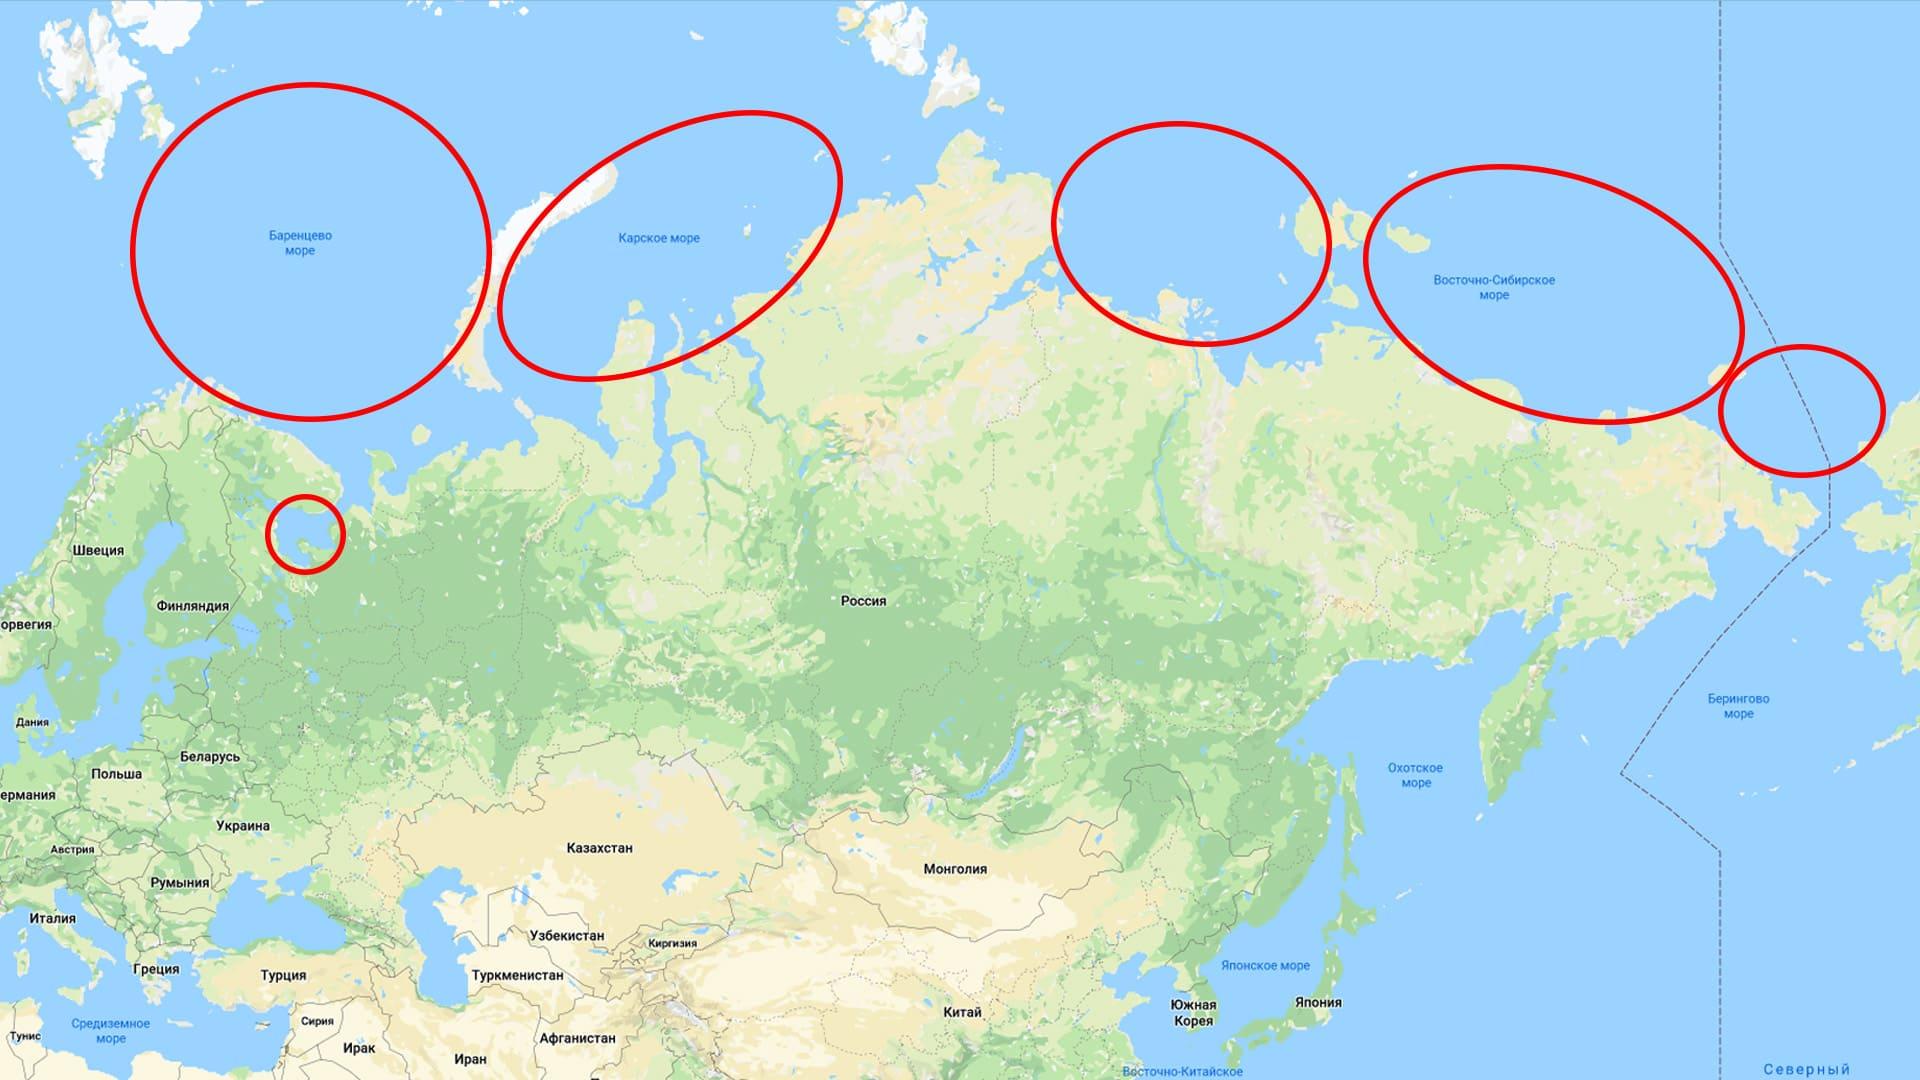 Моря Северного Ледовитого океана, омывающие Россию